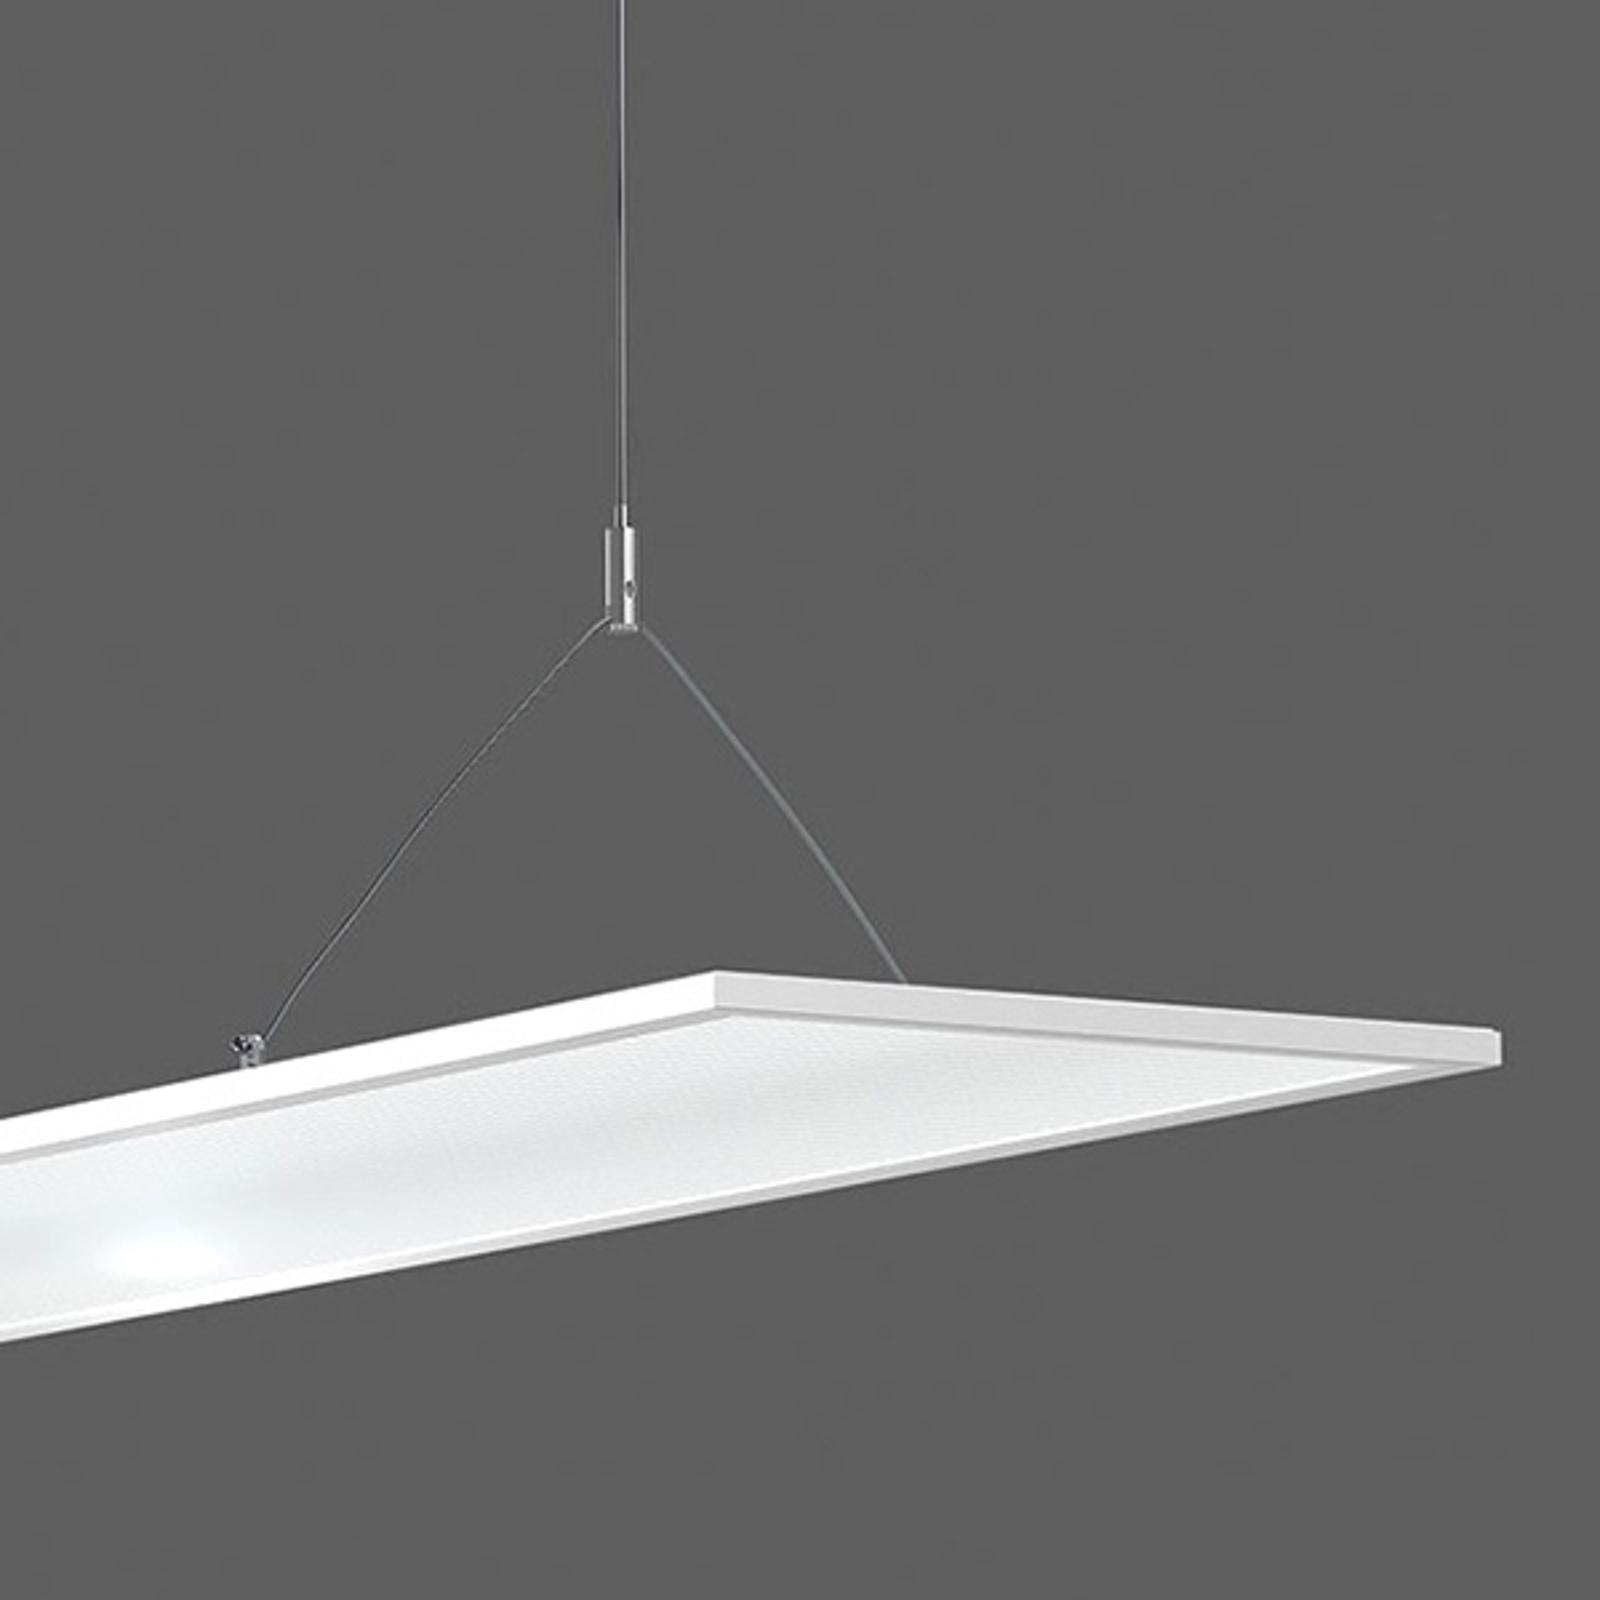 Kit di sospensione con corda a Y per pannello LED